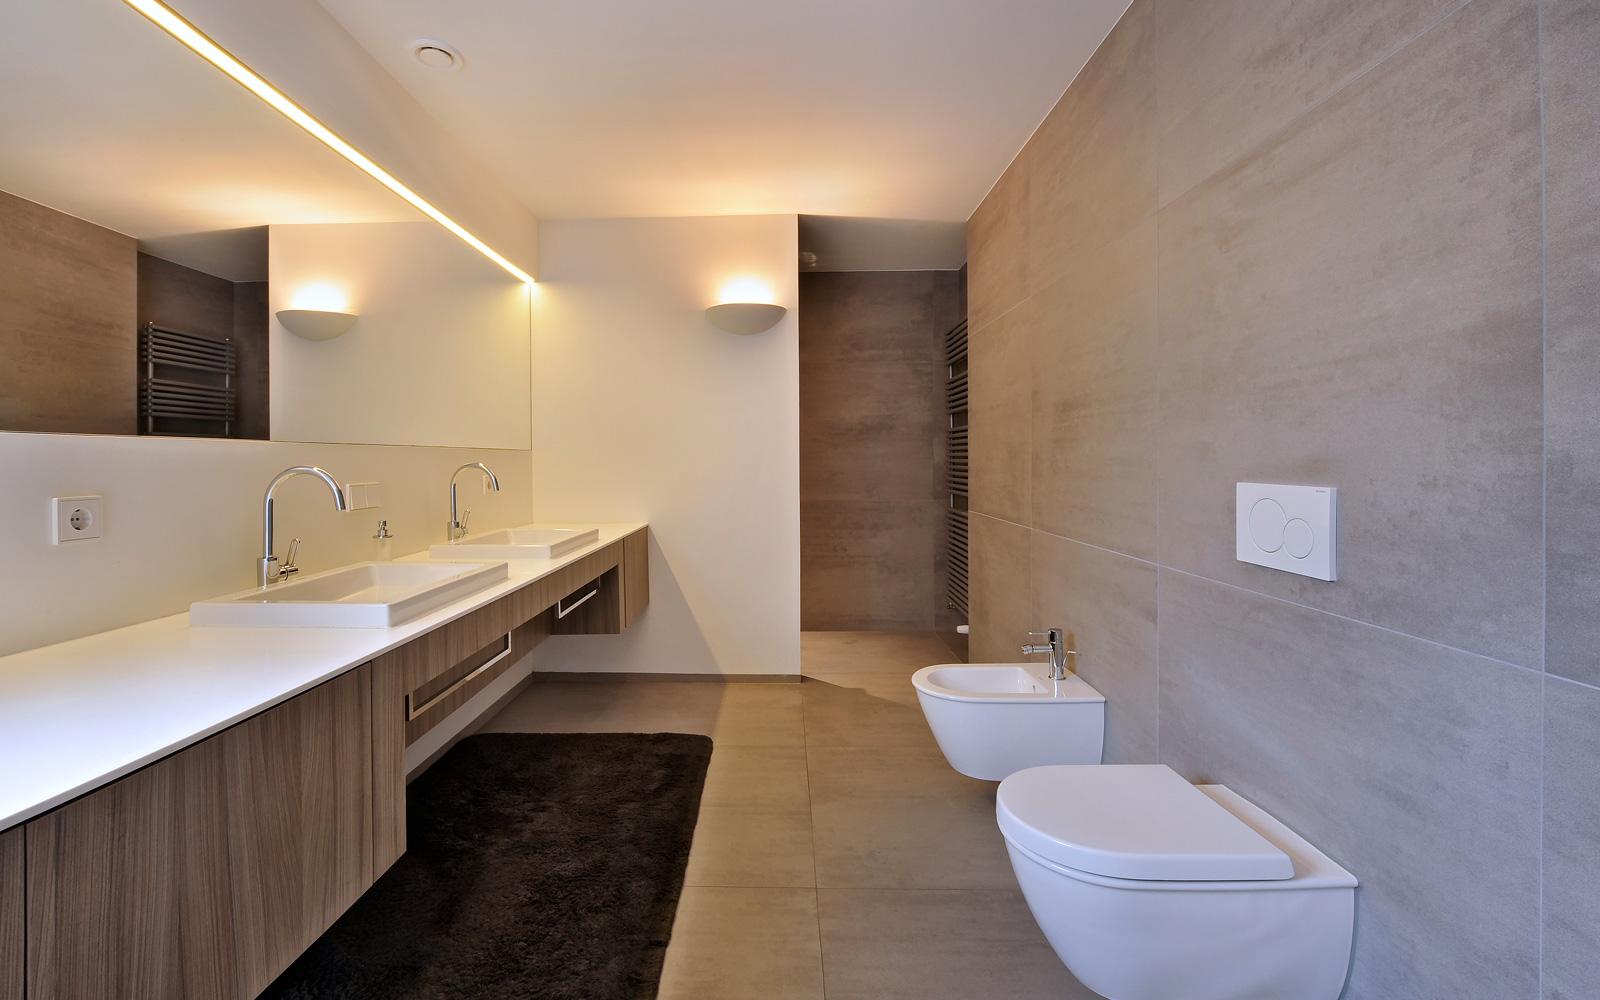 De villa beschikt over een ruime badkamer afgewerkt met witte bad meubelen.